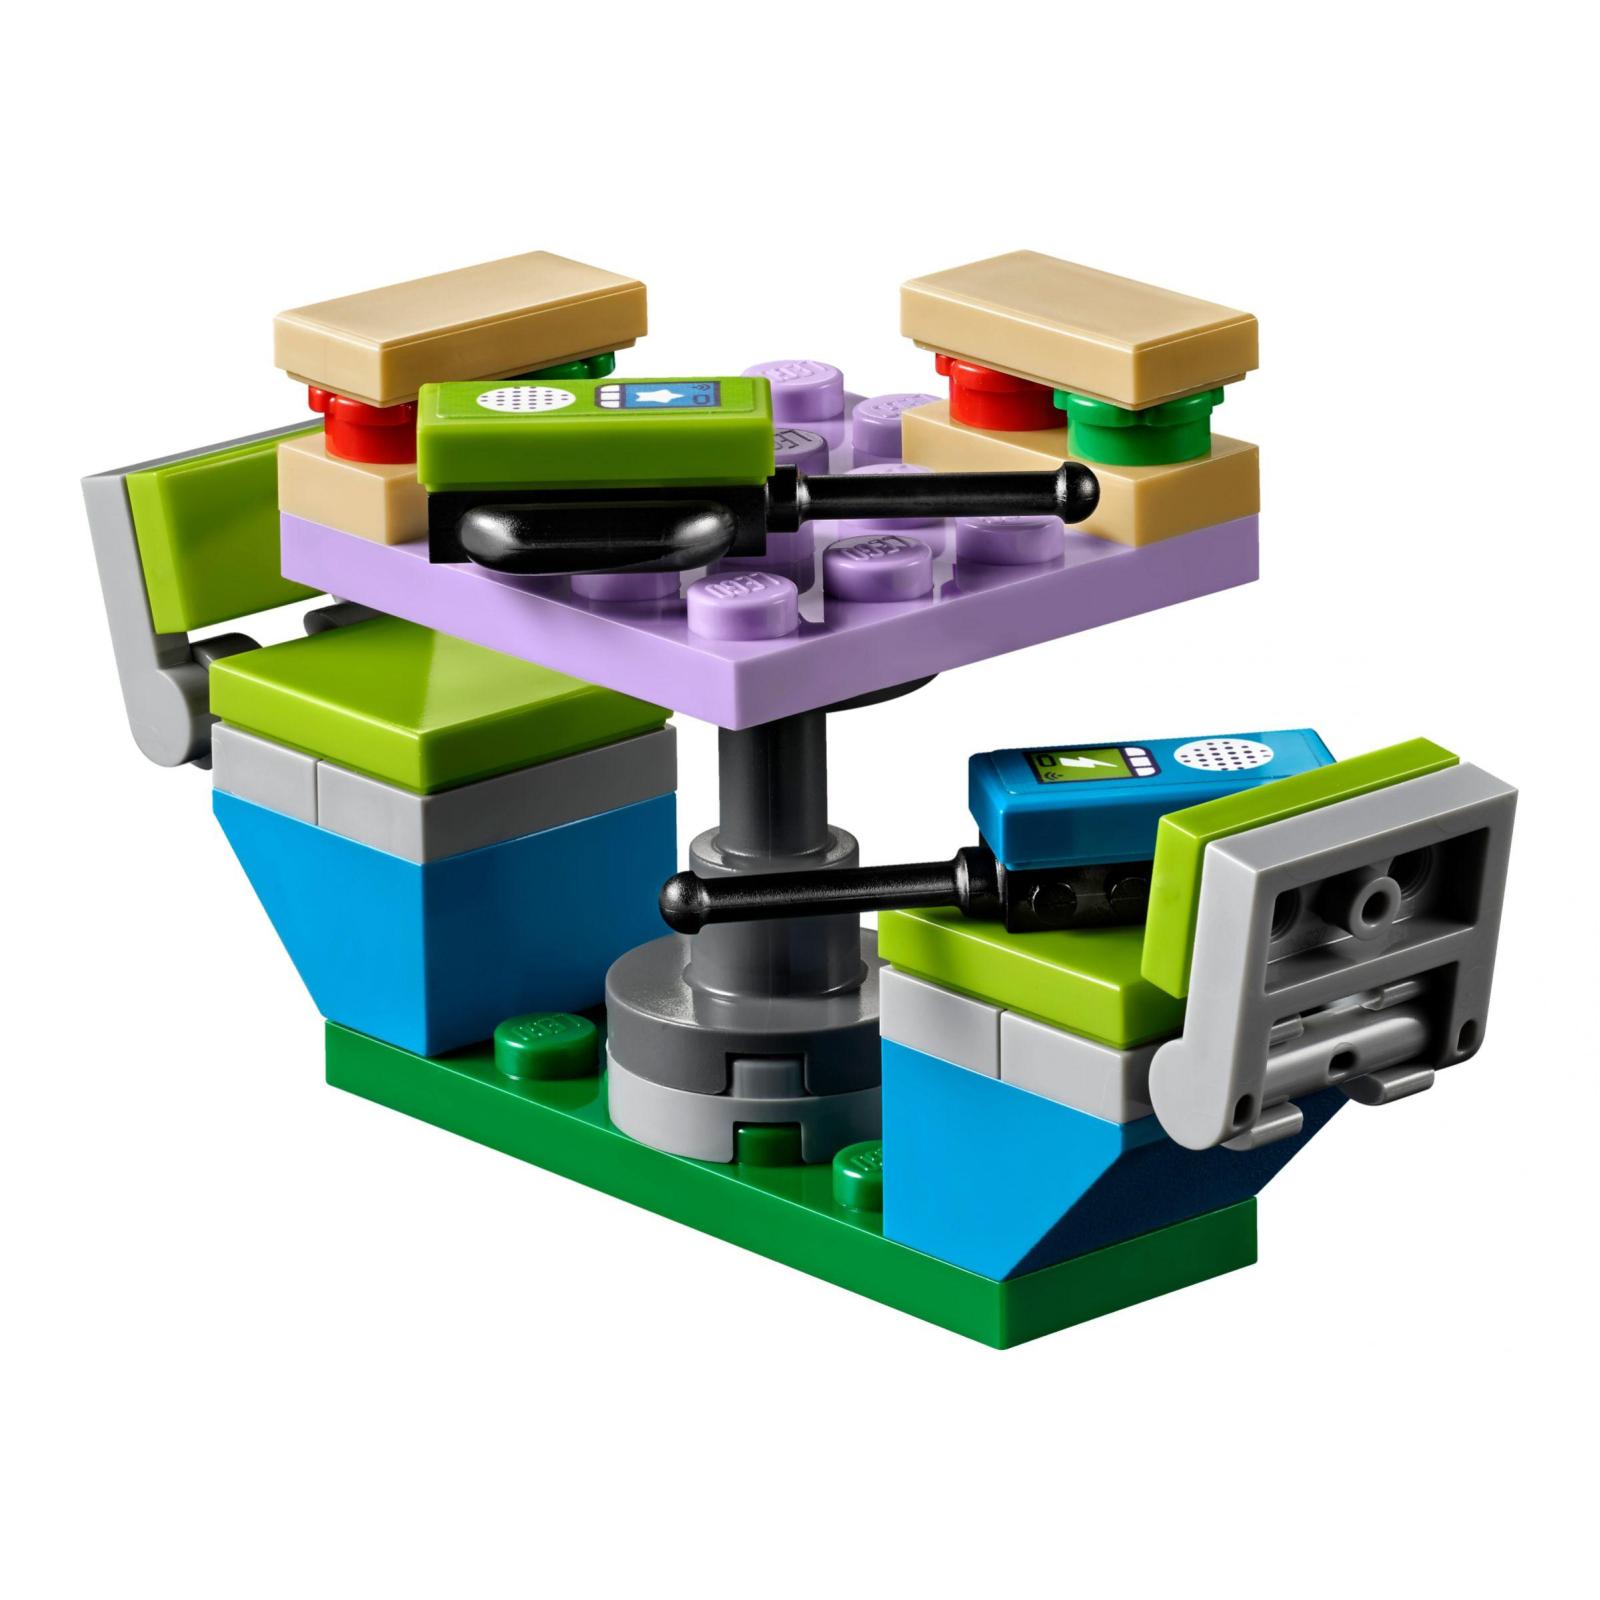 Конструктор LEGO Friends Дом на колесах Мии (41339) изображение 5